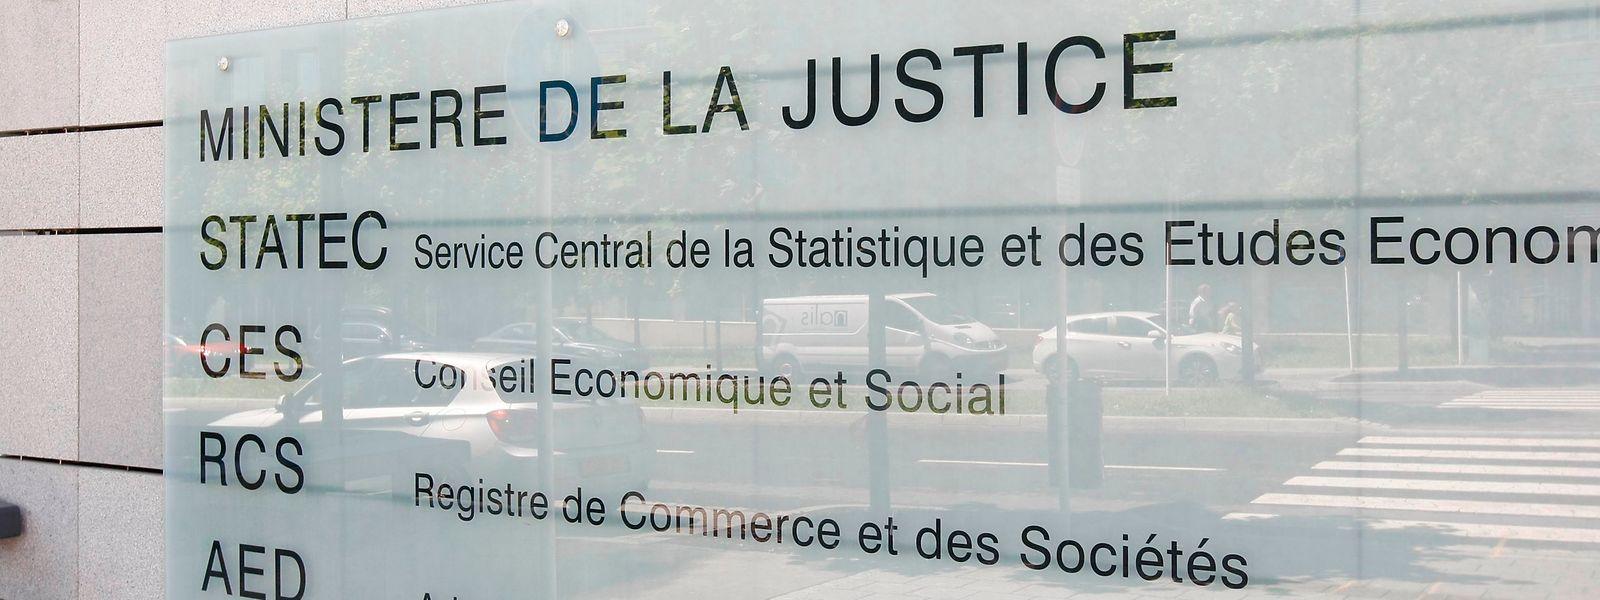 Face au faible engouement des entités enregistrées au Grand-Duché, un report a dû être concédé par le ministère de la Justice.